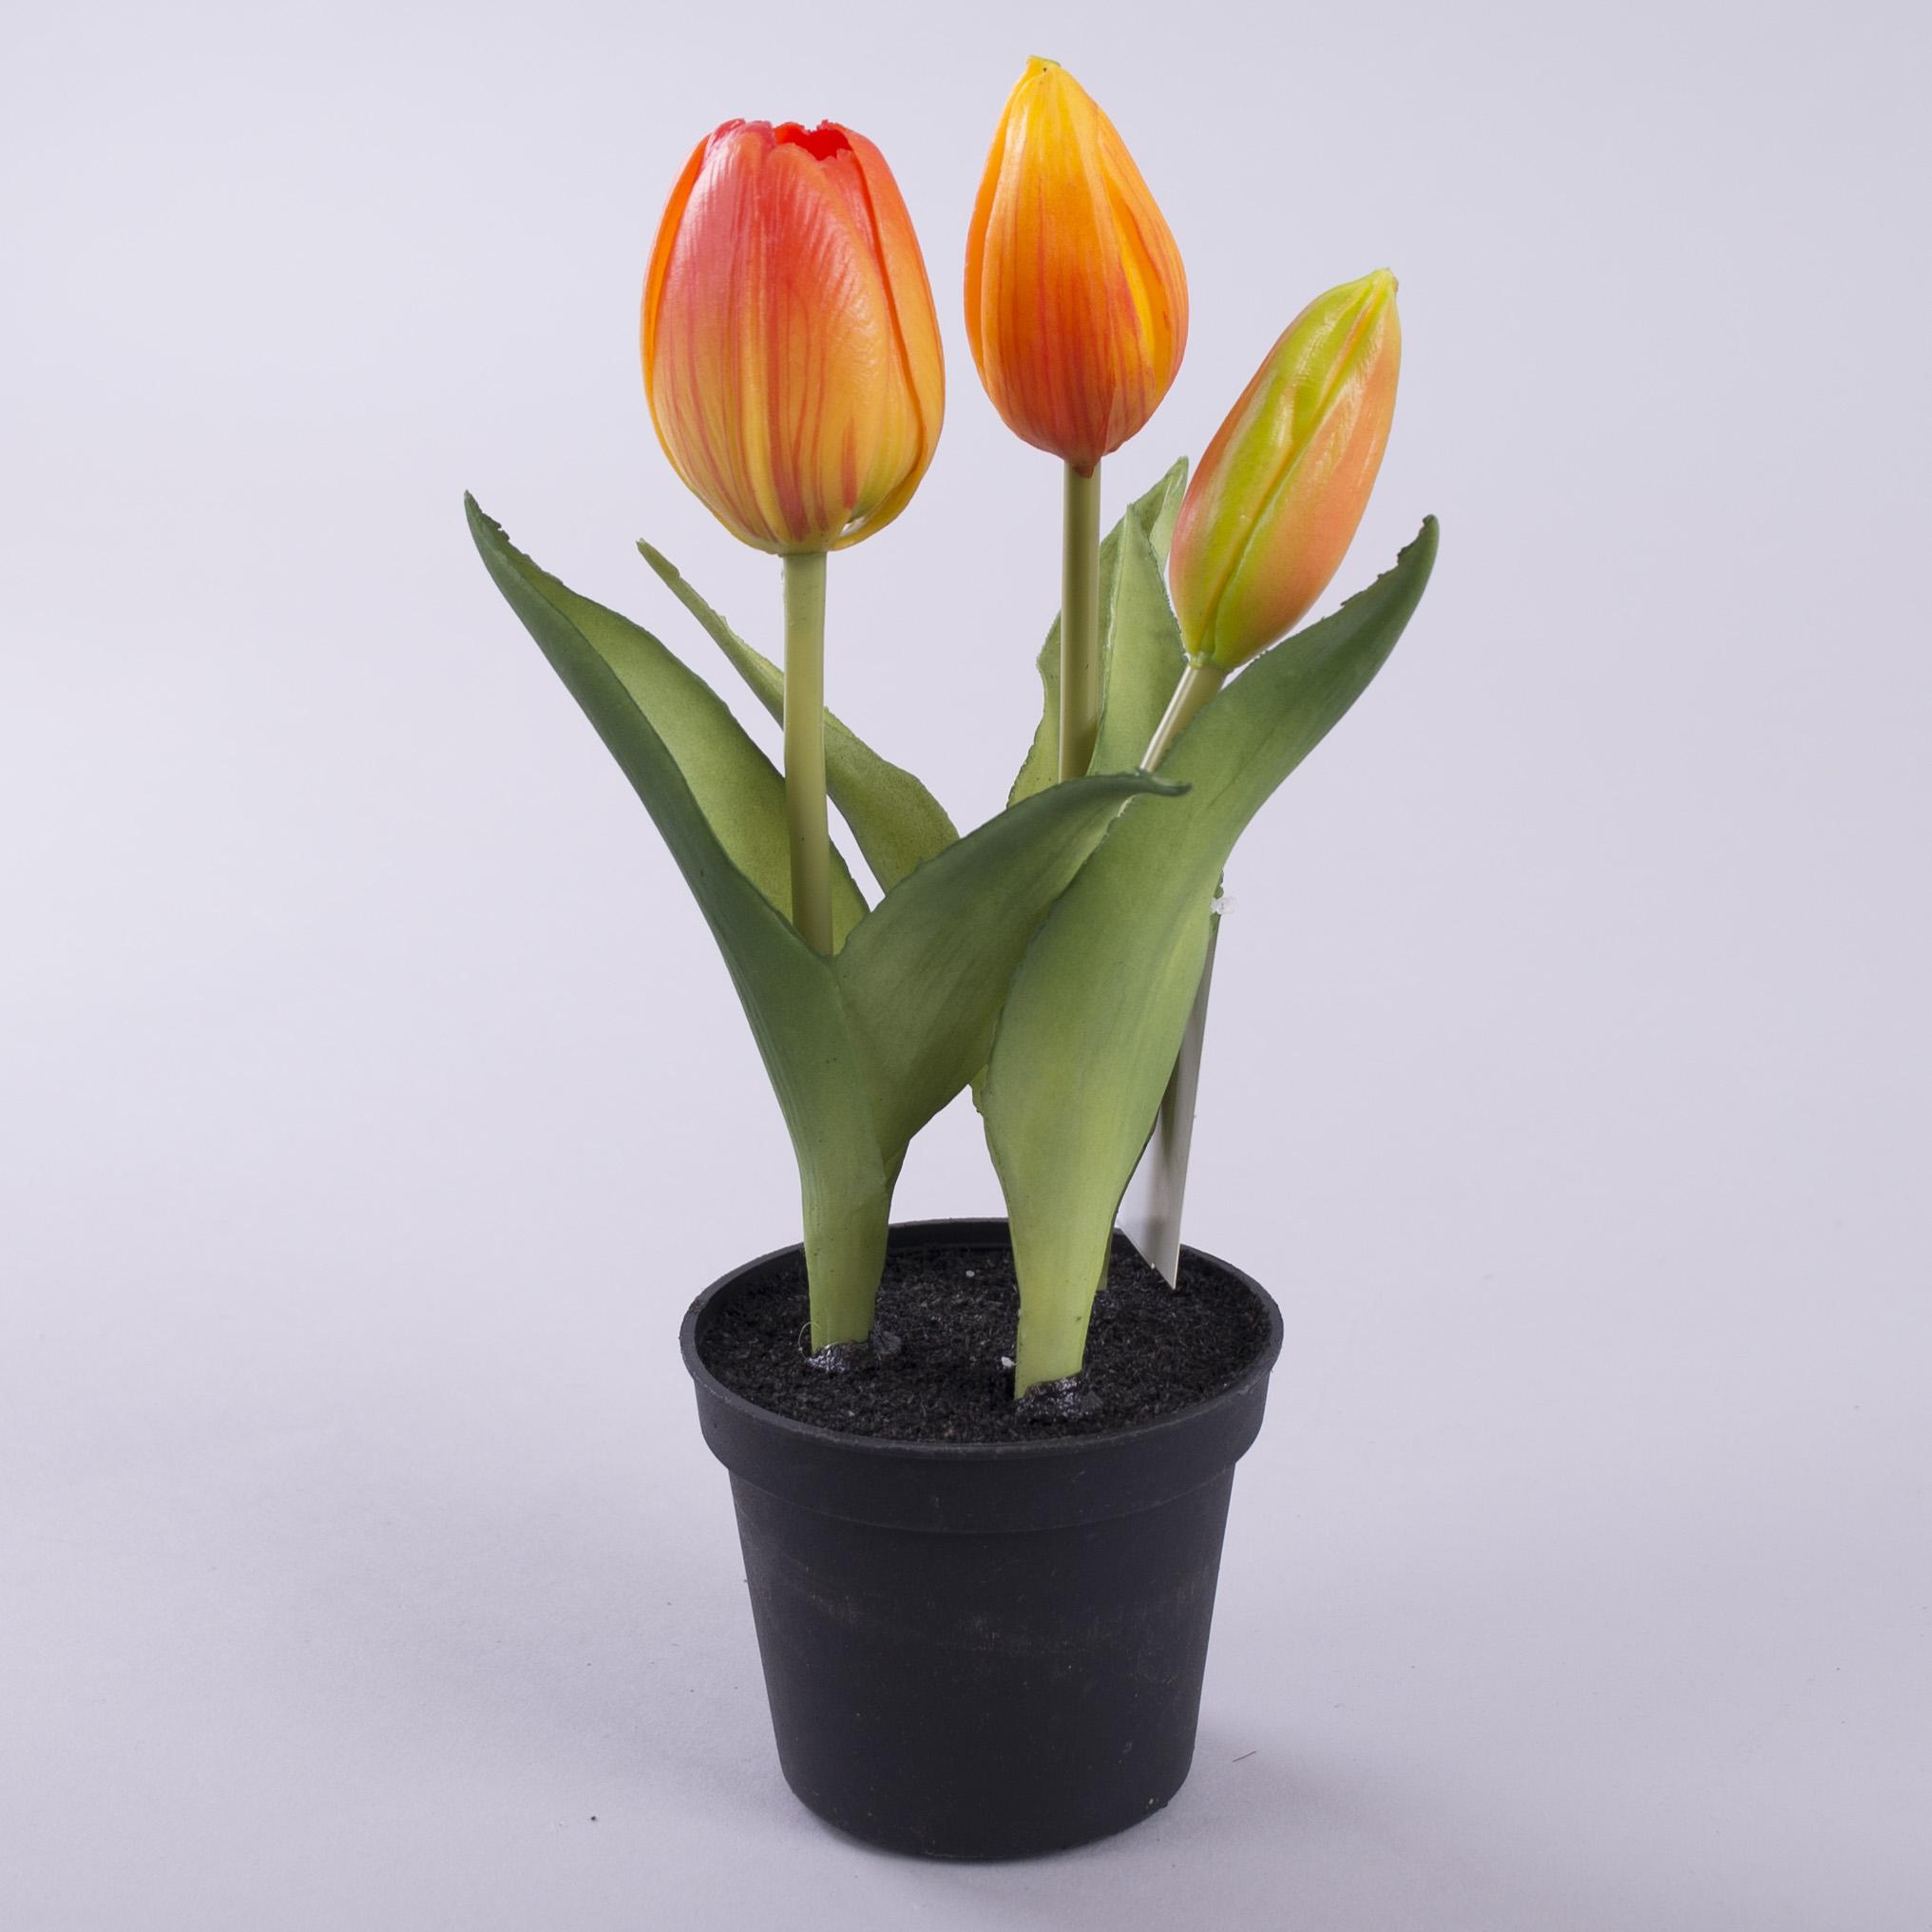 тюльпан латексний в горщику жовто-оранжевий